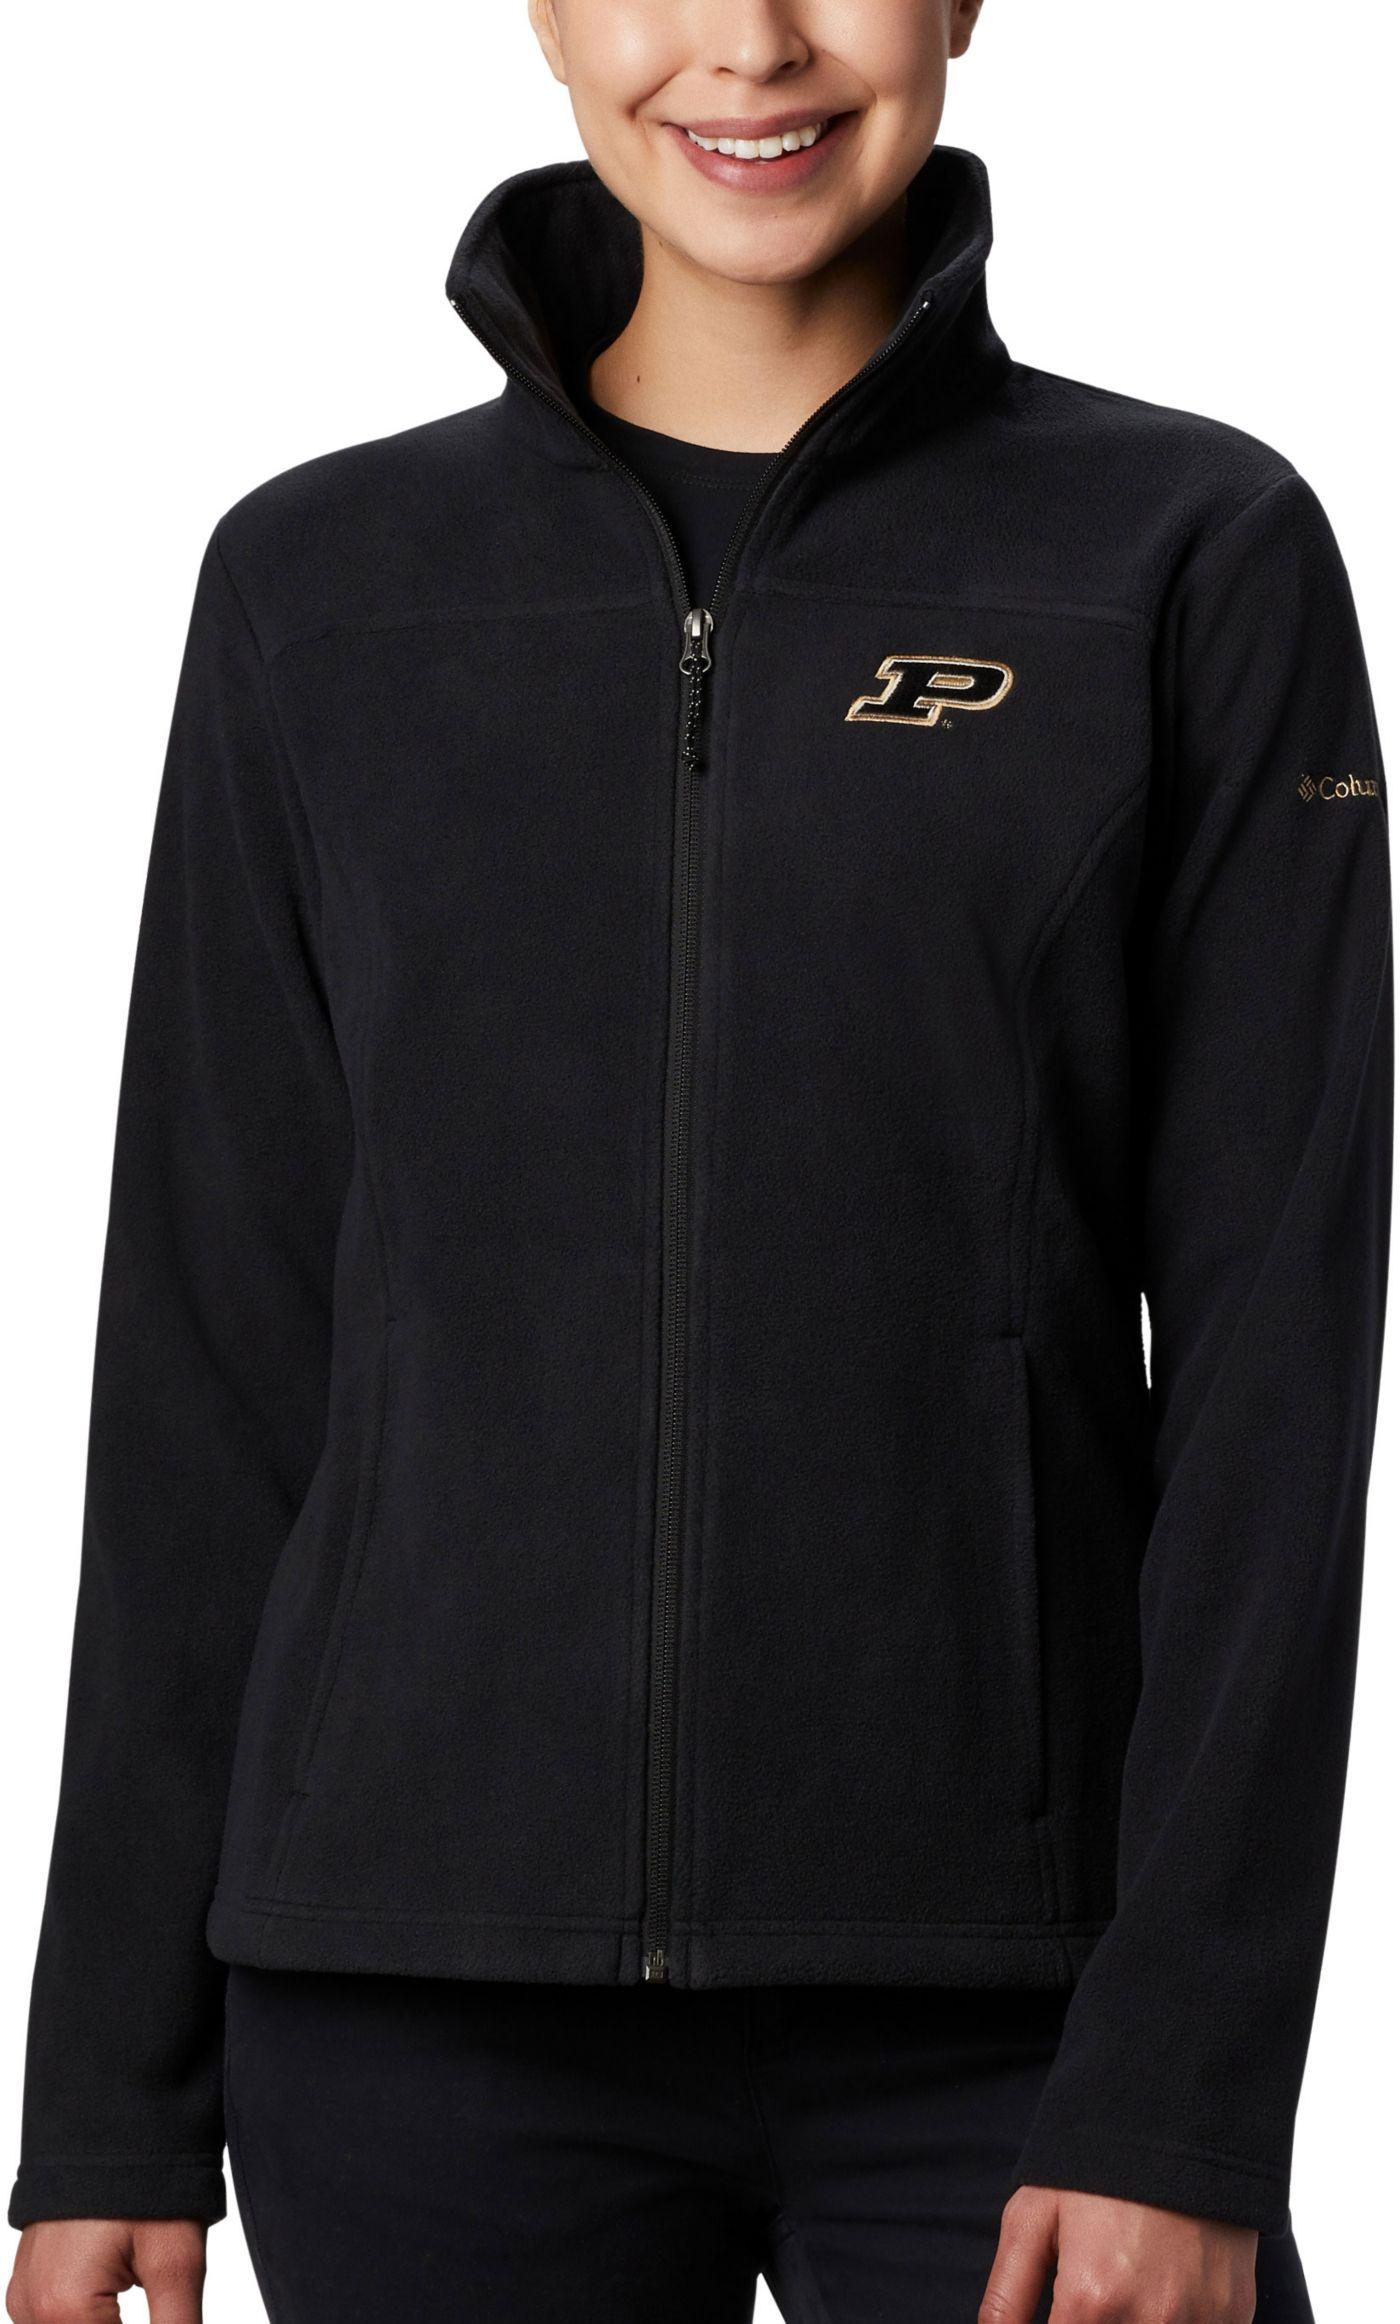 Columbia Women's Purdue Boilermakers Give & Go Full-Zip Black Jacket